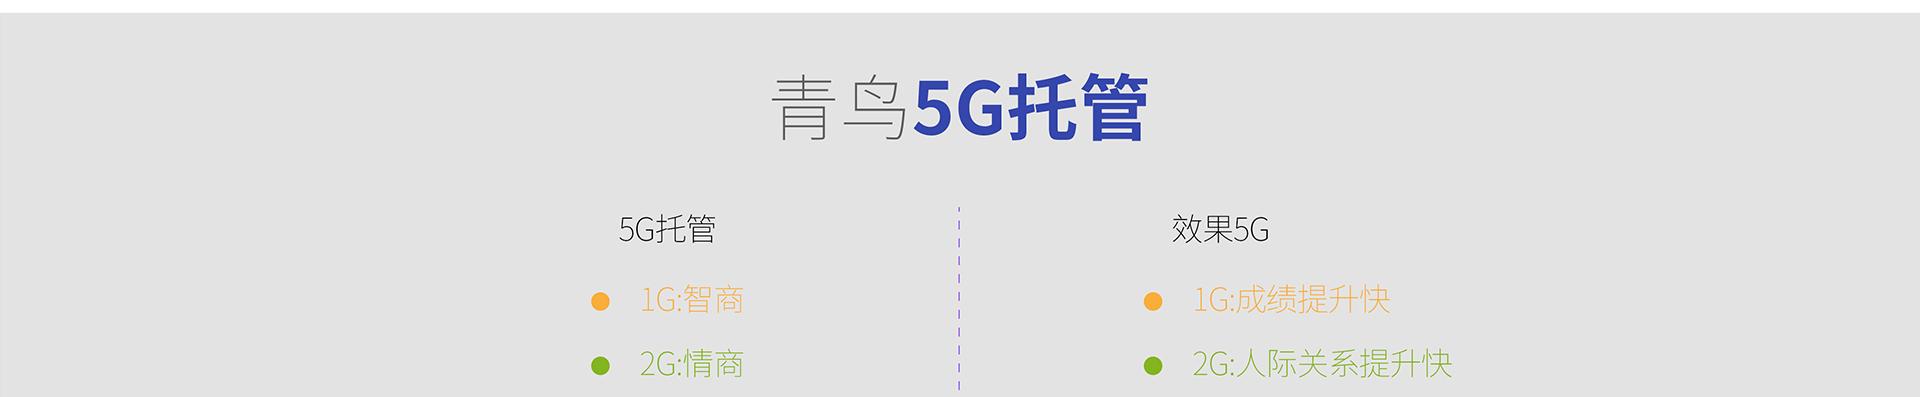 青鸟园丁学习馆qnyd_16